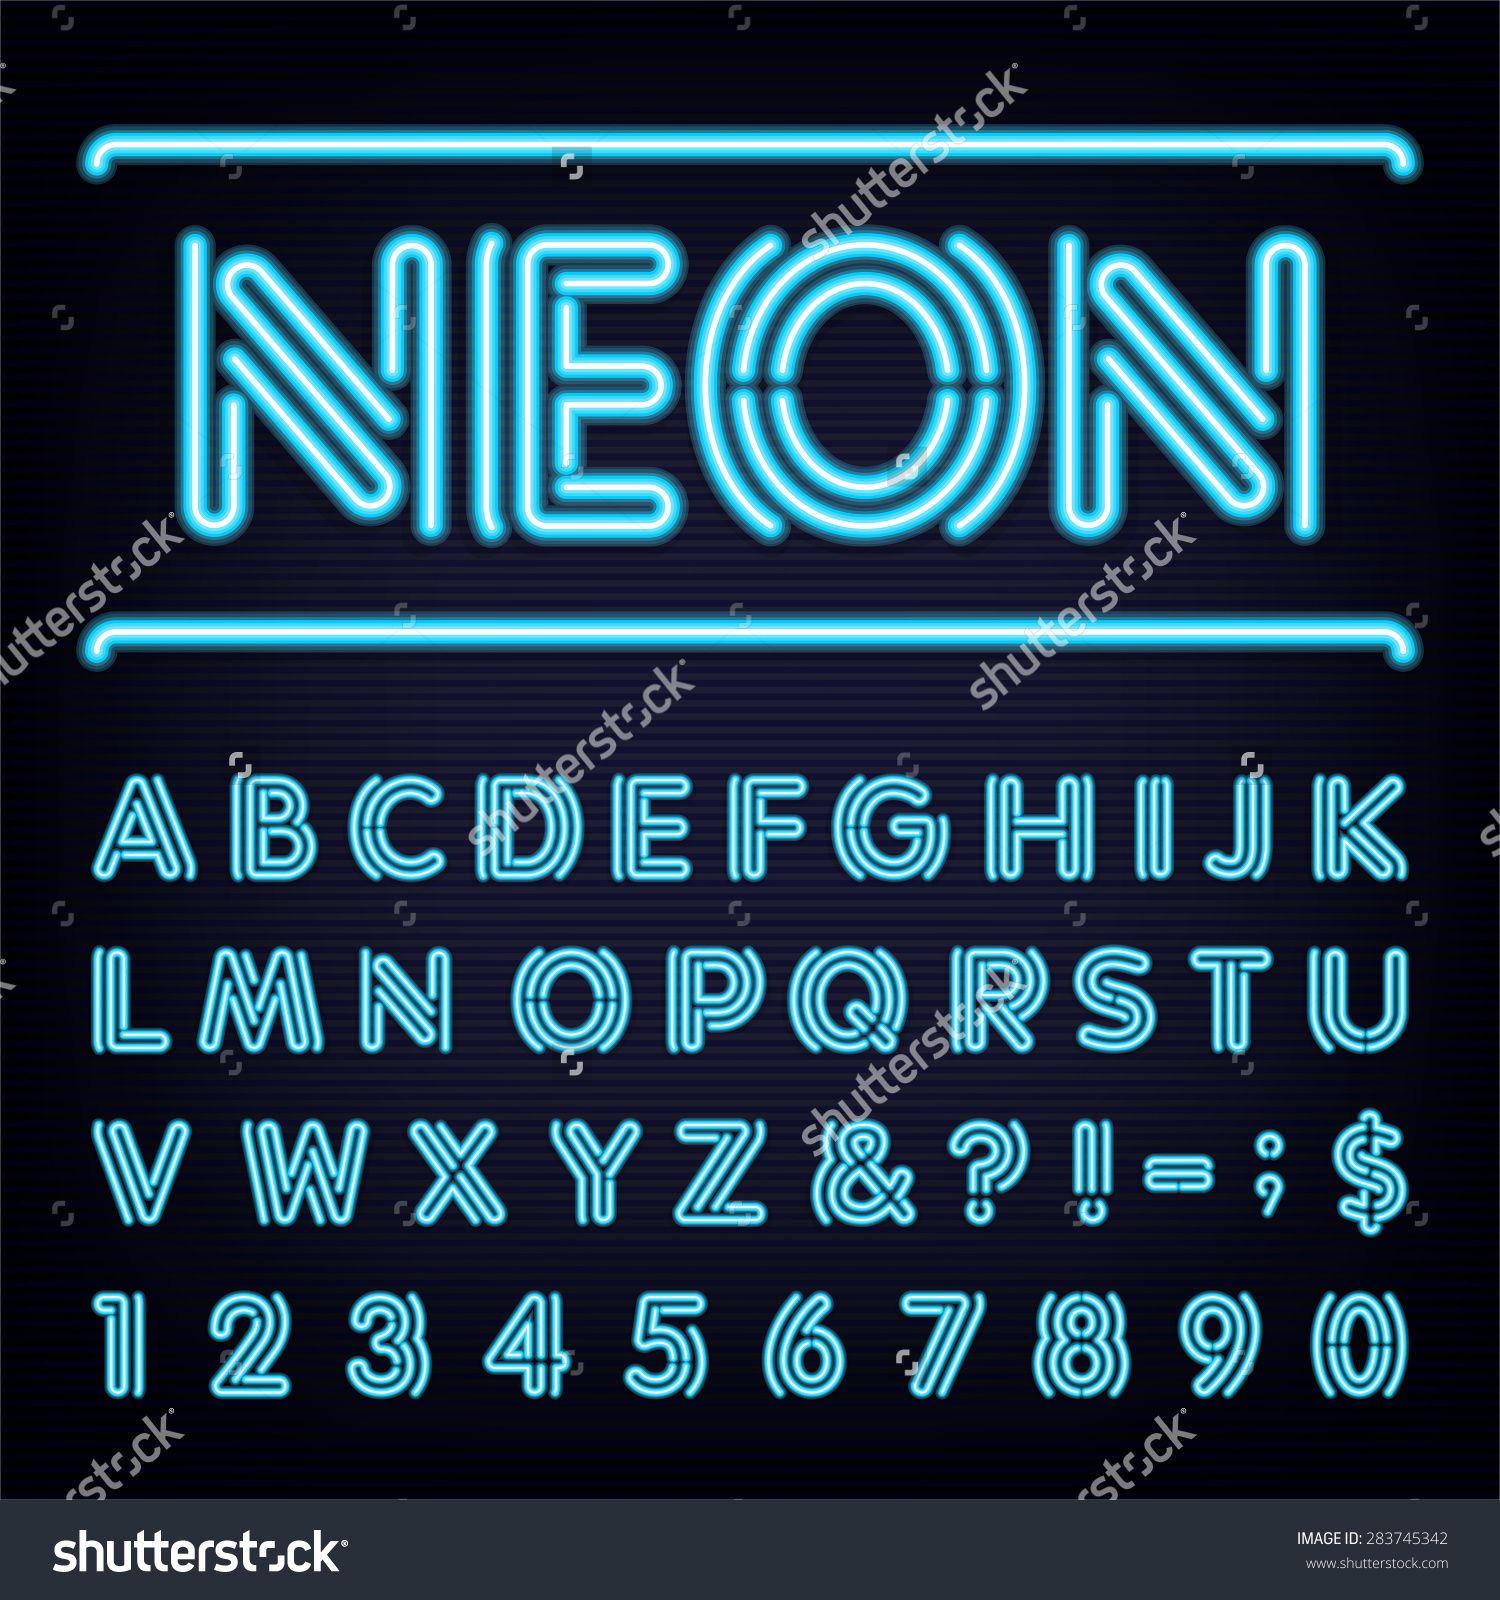 670305g 15001600 neon pinterest neon and fonts 670305g 15001600 altavistaventures Gallery